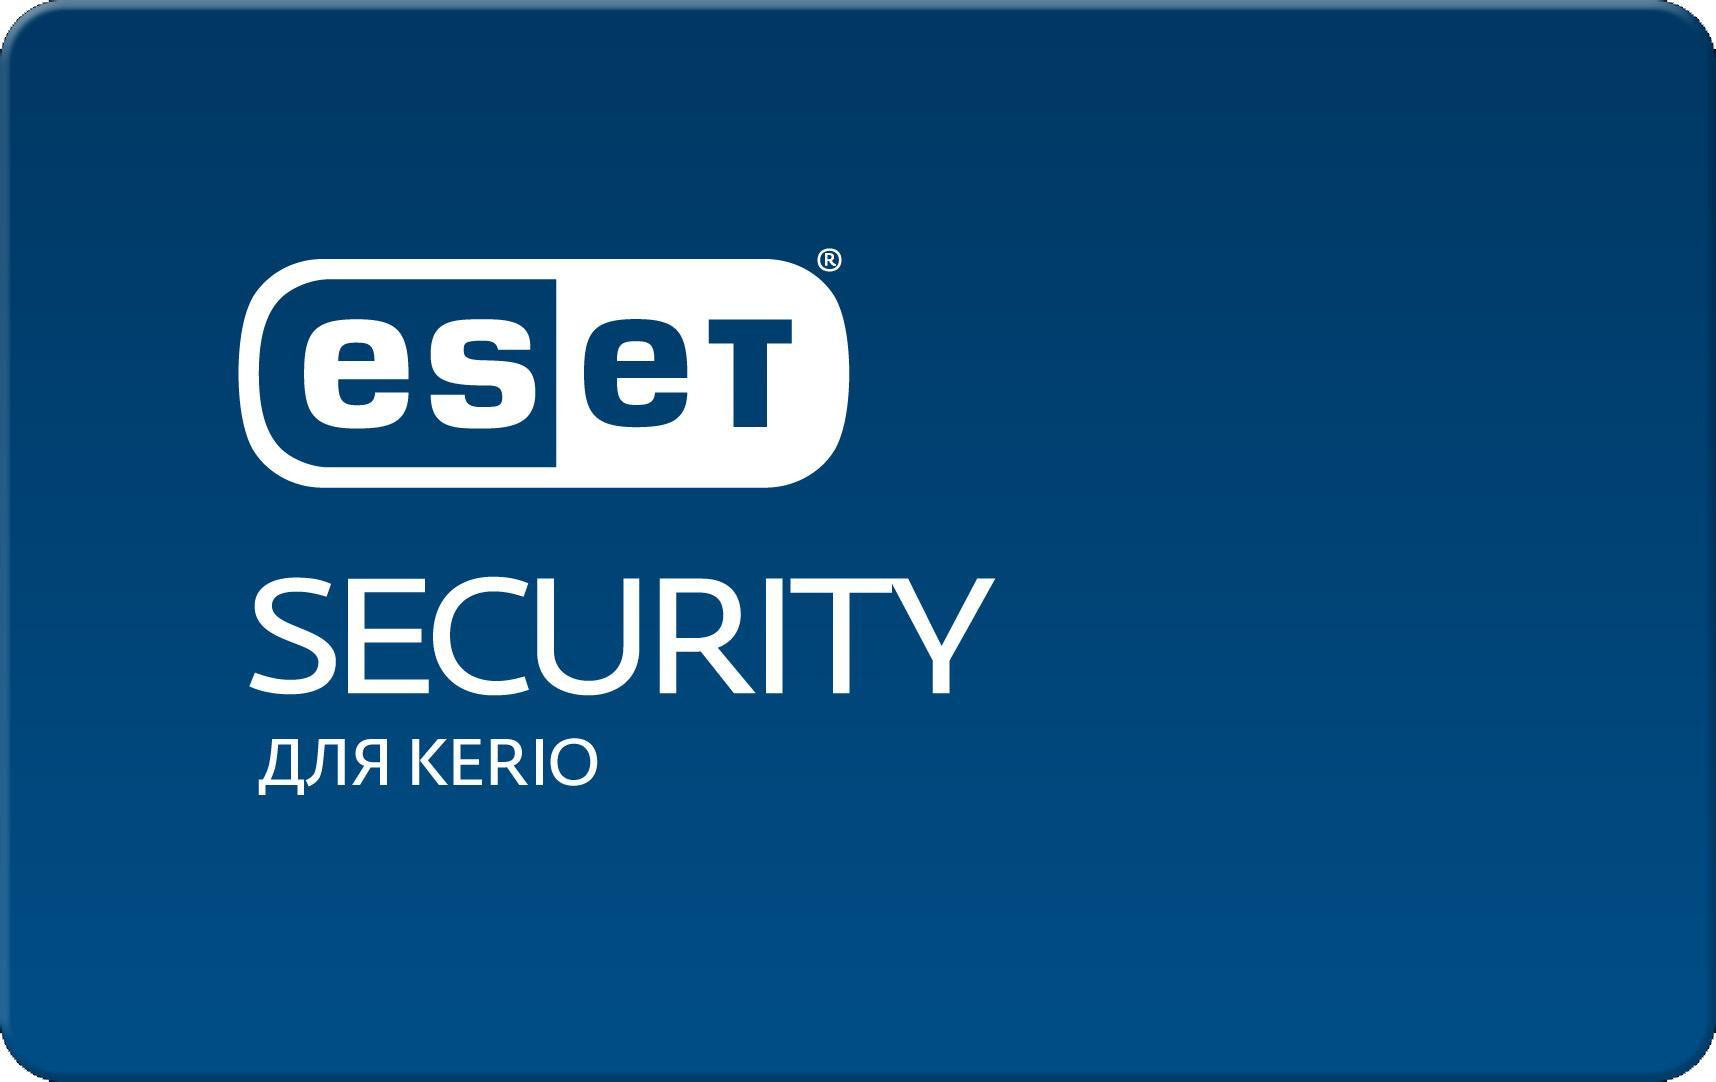 Защита почтовых серверов и интернет-шлюзов Eset Security для Kerio  для 9 пользователей